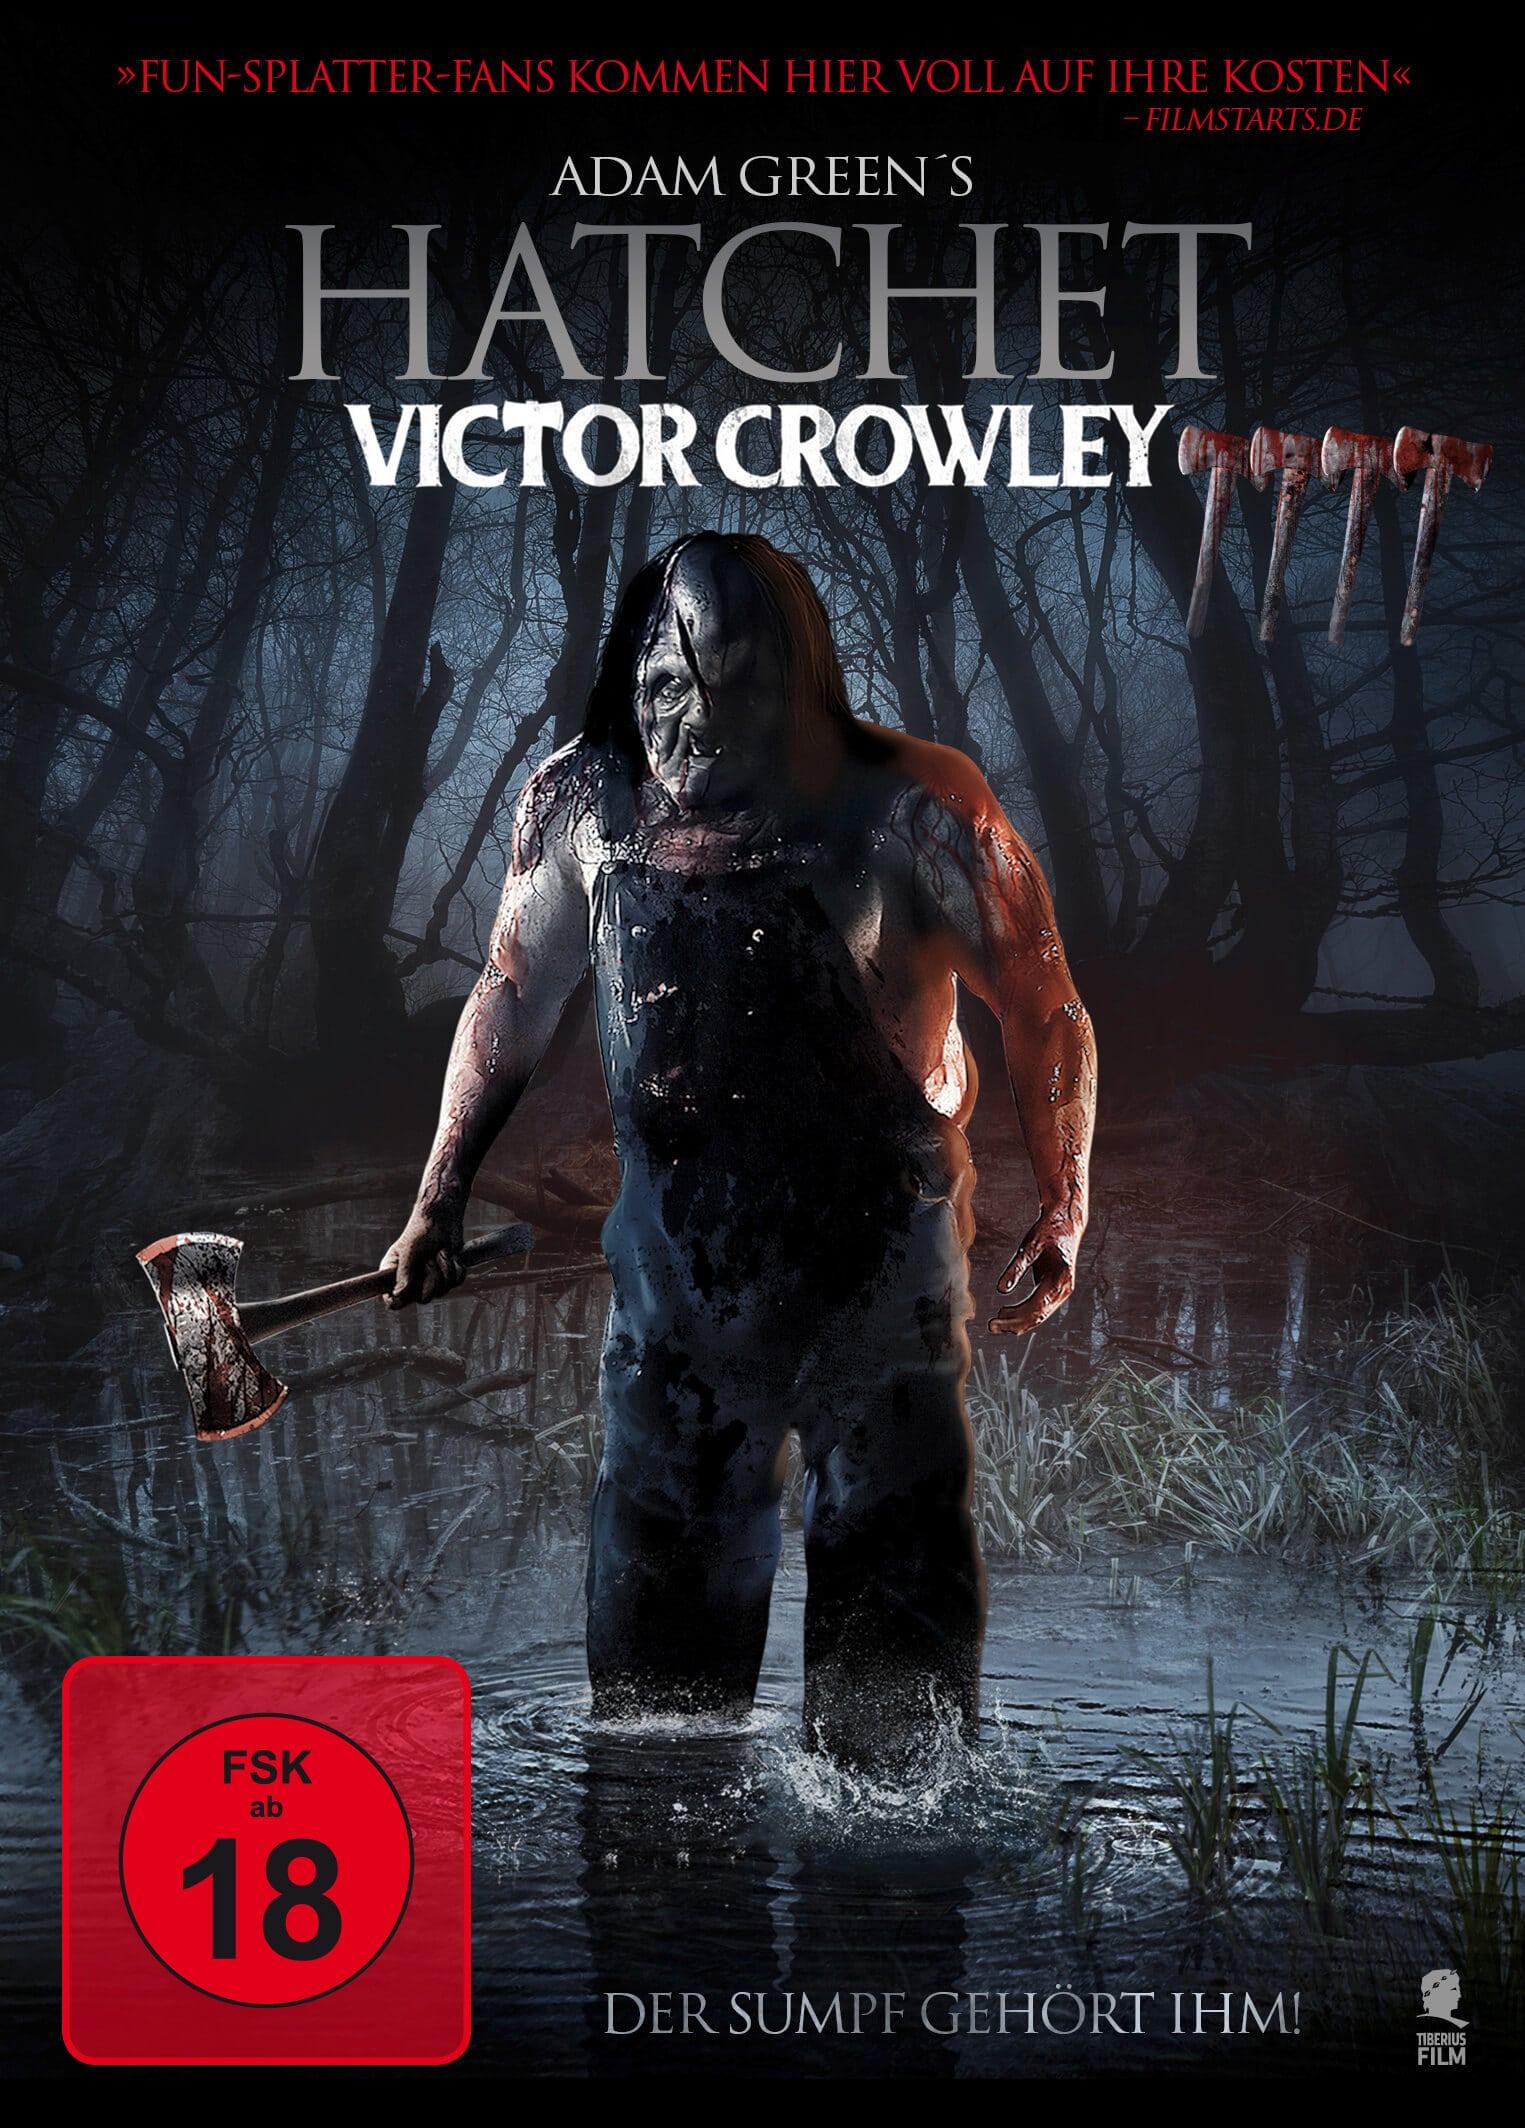 Die brutalsten Horrorfilme ab 18 - Scary-Movies de